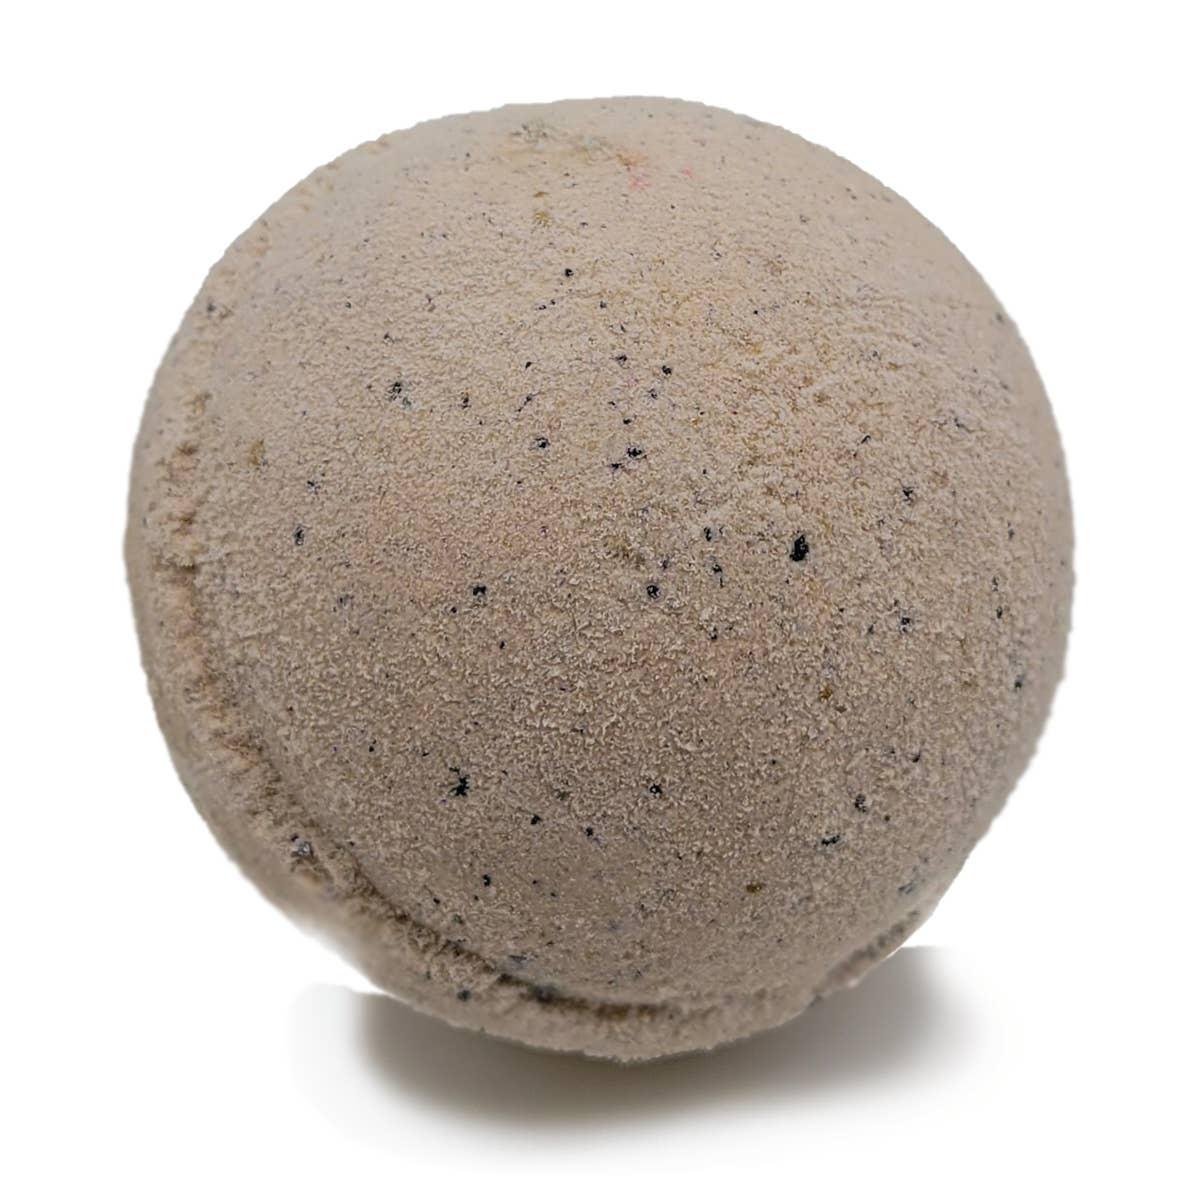 Evolve - Bath Bomb - Chai Latte | Trada Marketplace